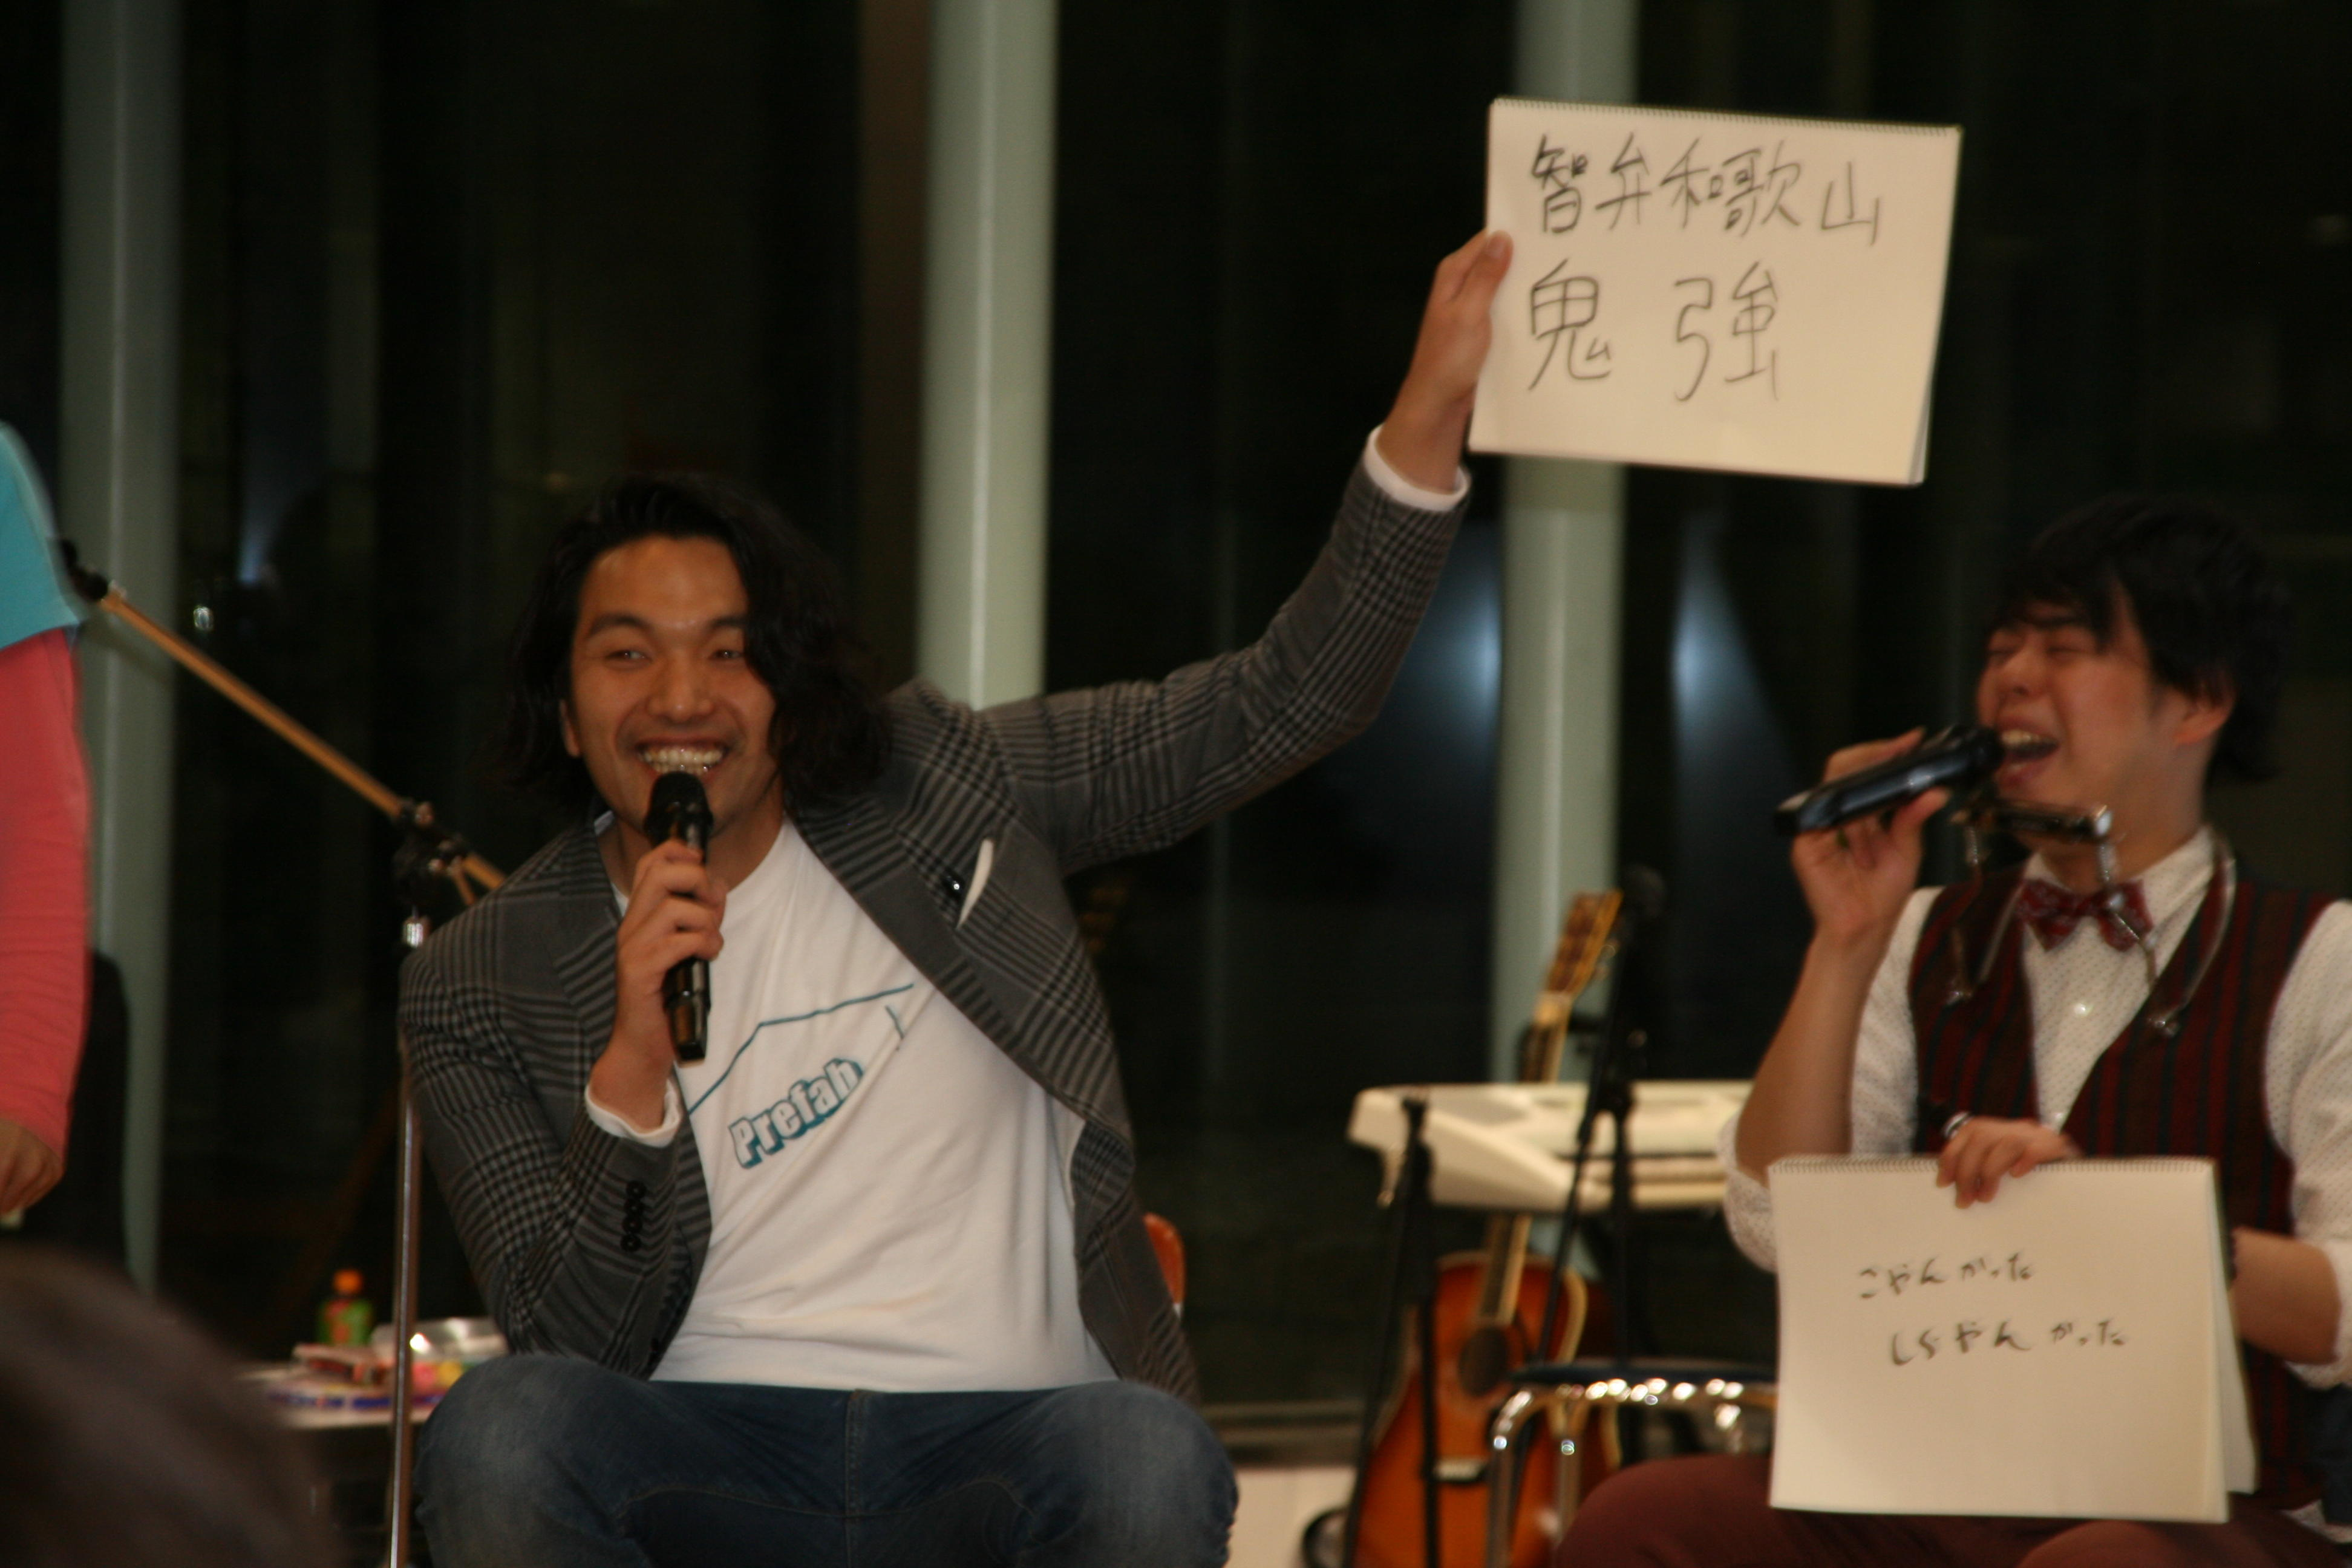 http://news.yoshimoto.co.jp/20180330234050-8e3f80599fdce165d64e2b2c69df600628484ce6.jpg